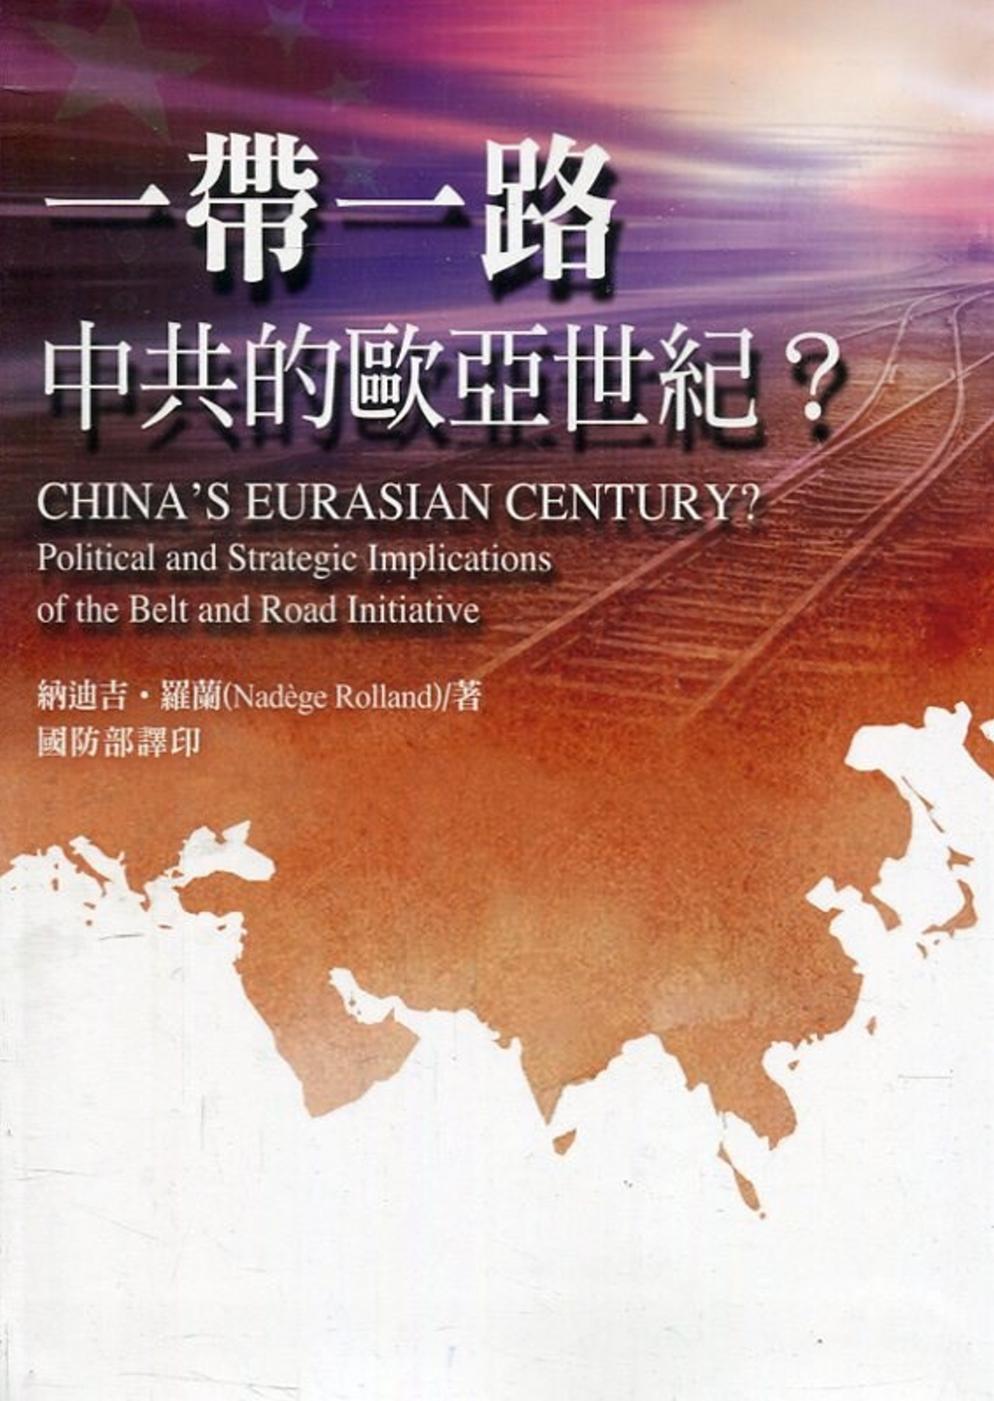 一帶一路:中共的歐亞世紀?[軟...